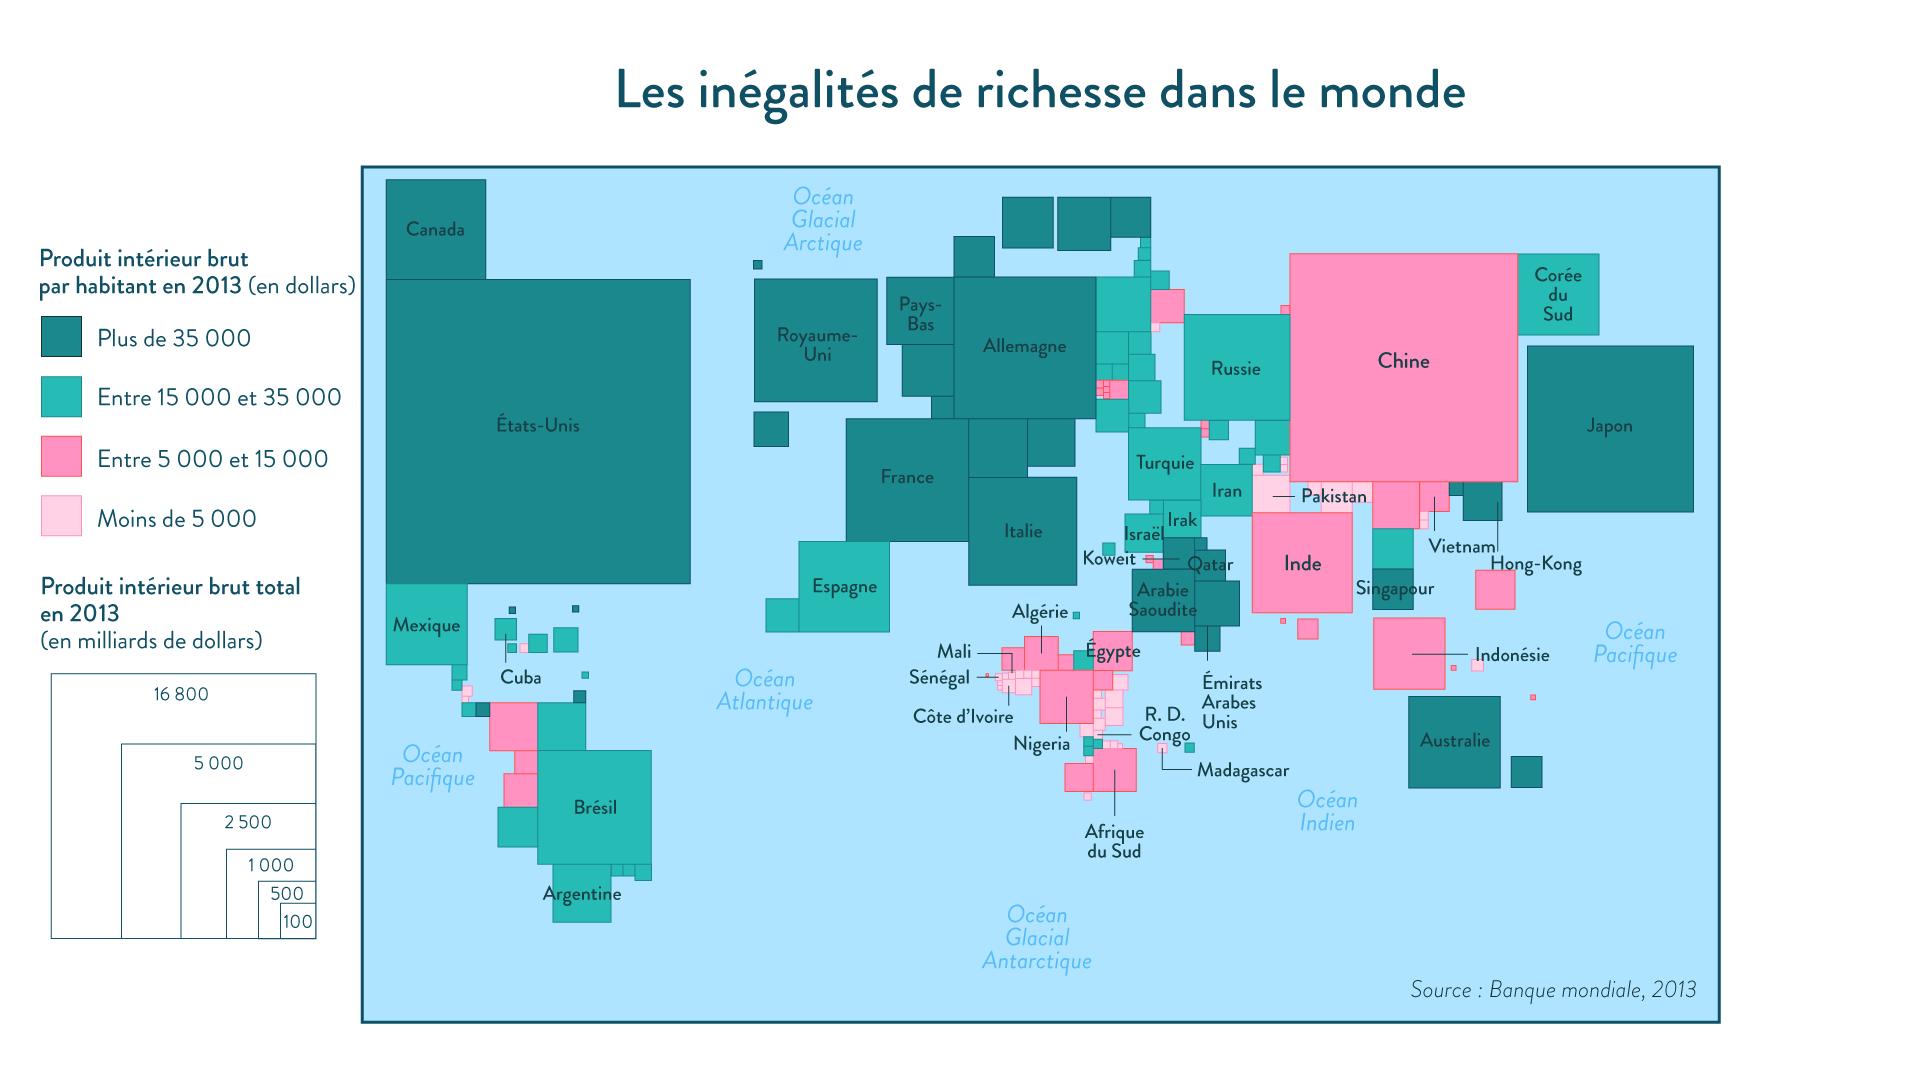 Les inégalités de richesse dans le monde